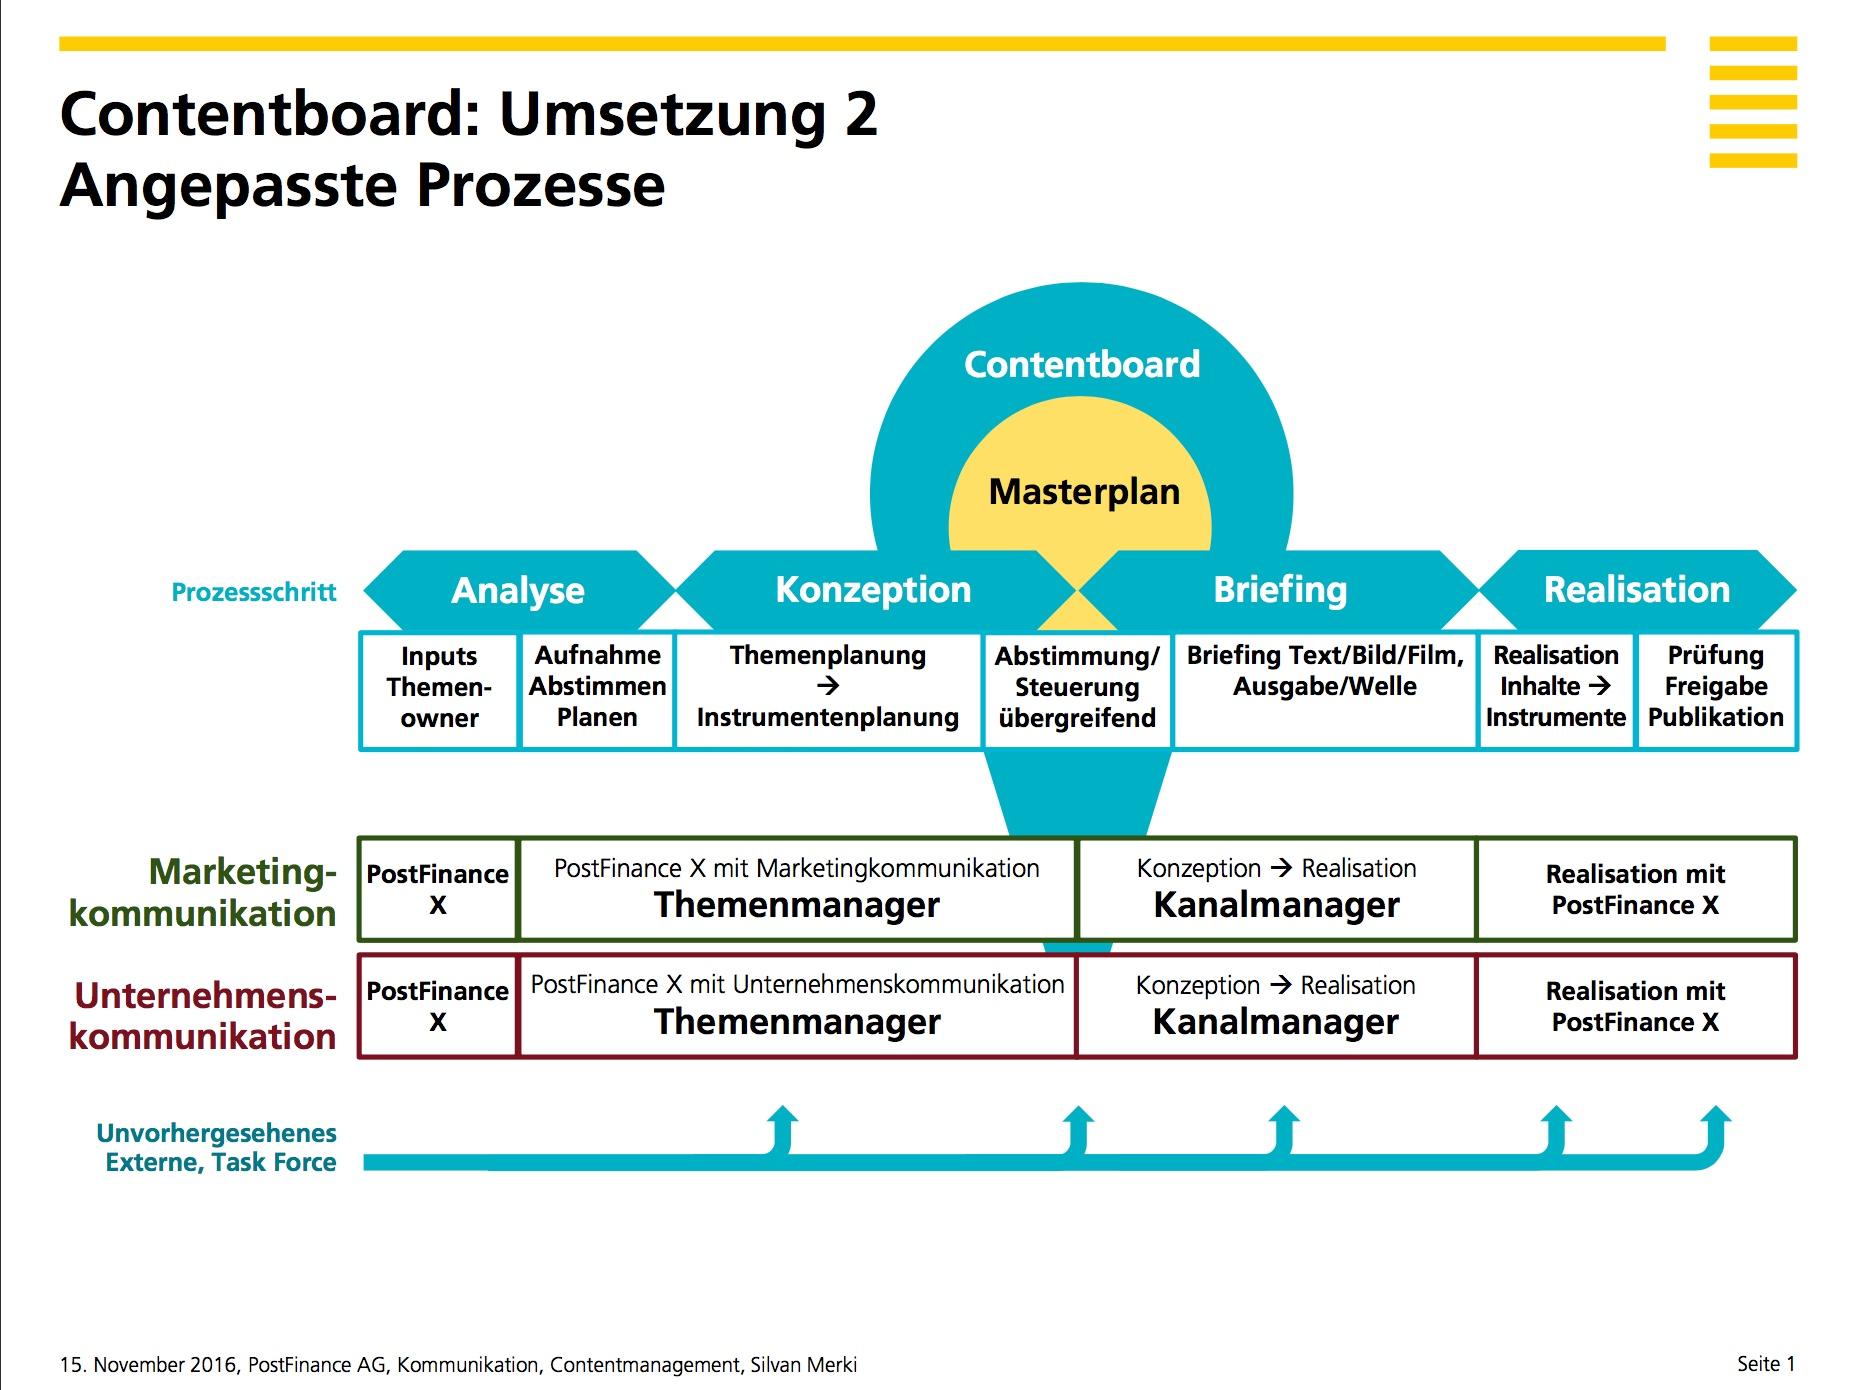 Contentboard der PostFinance Newsroom Prozesse